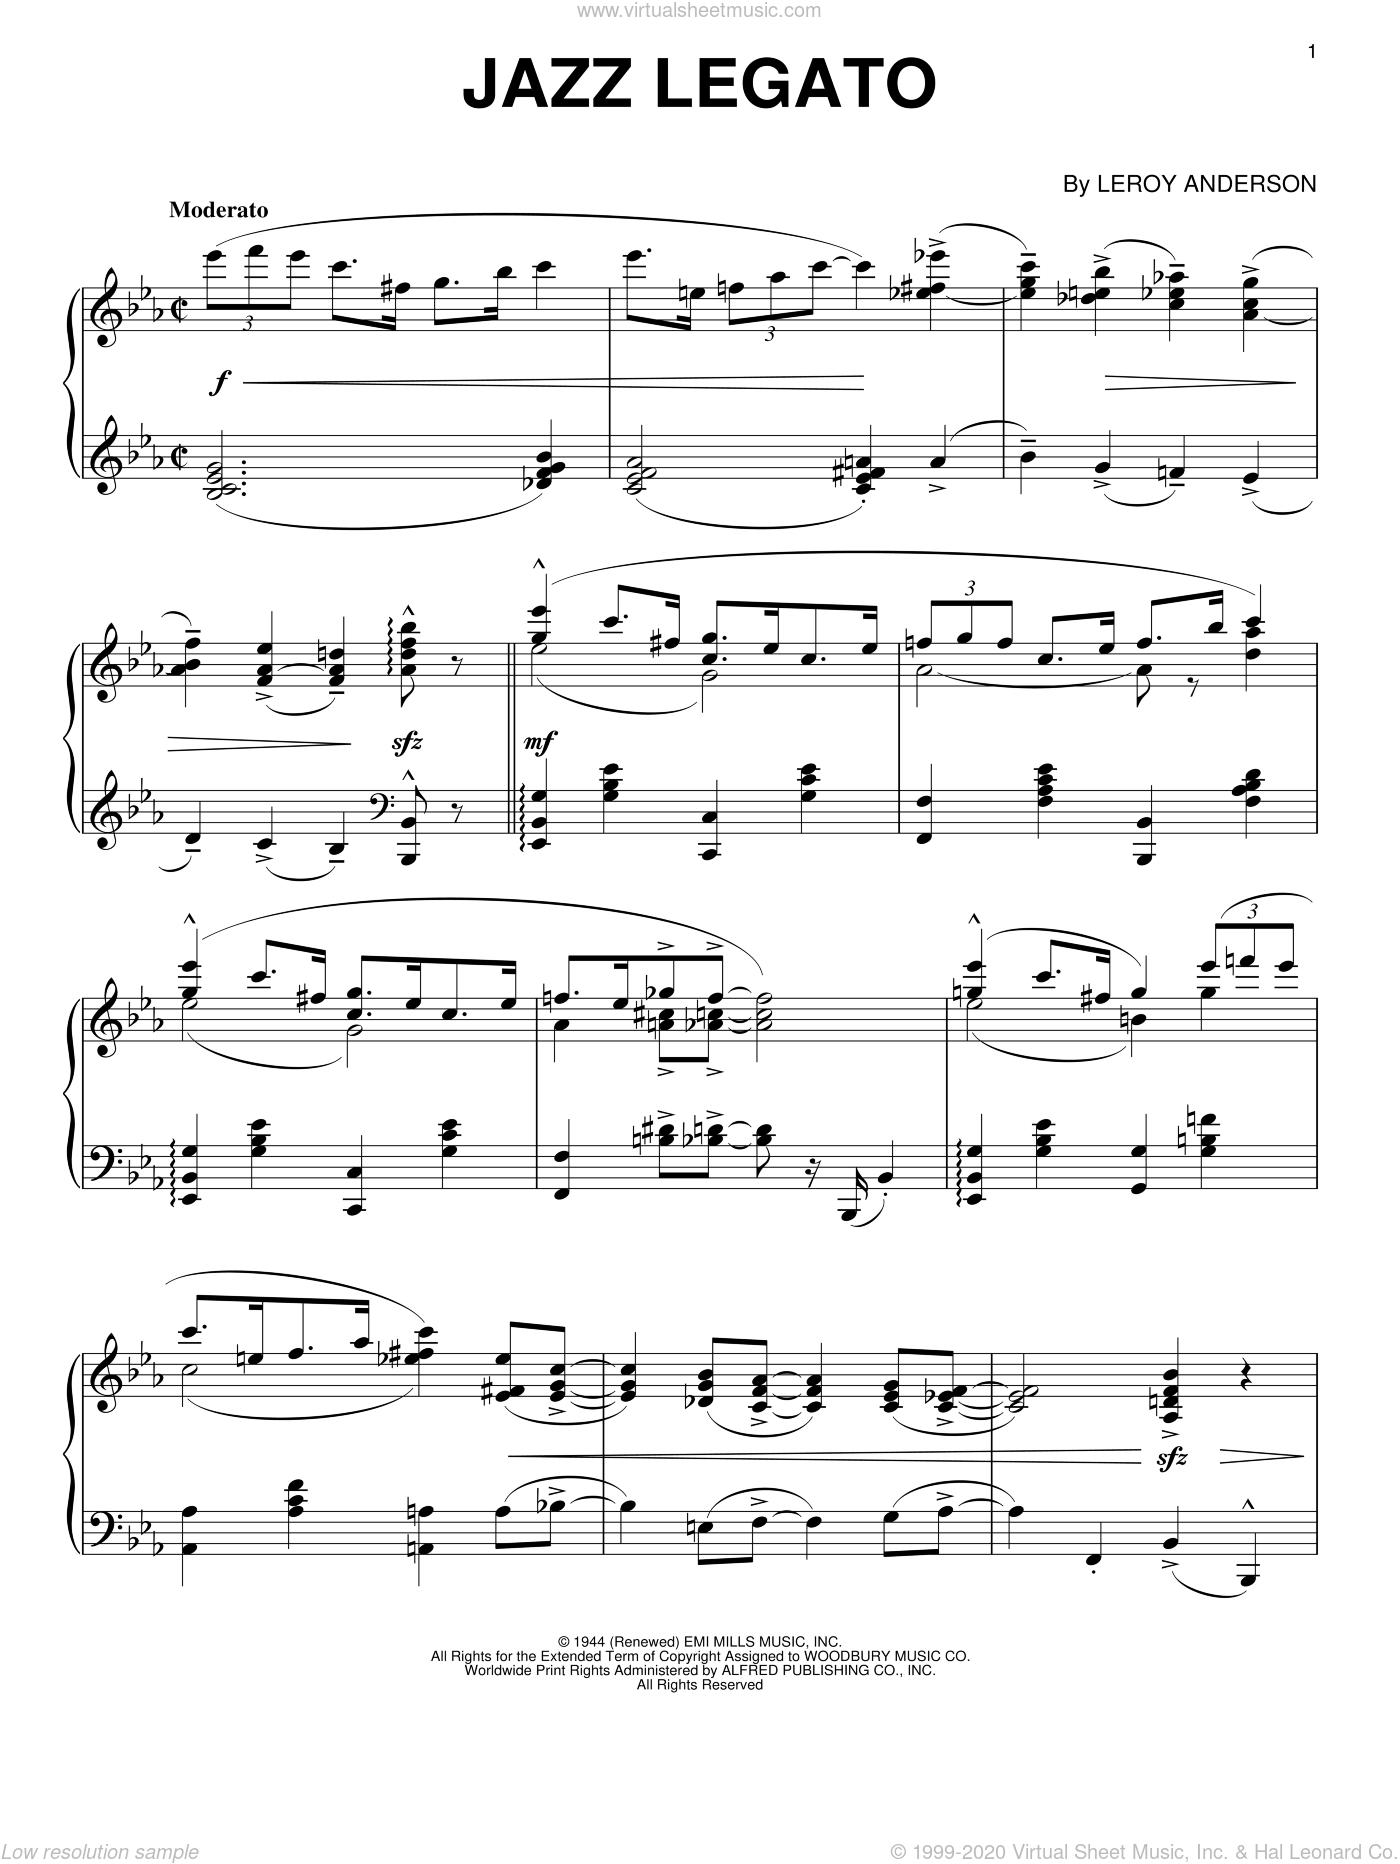 Anderson - Jazz Legato sheet music for piano solo PDF